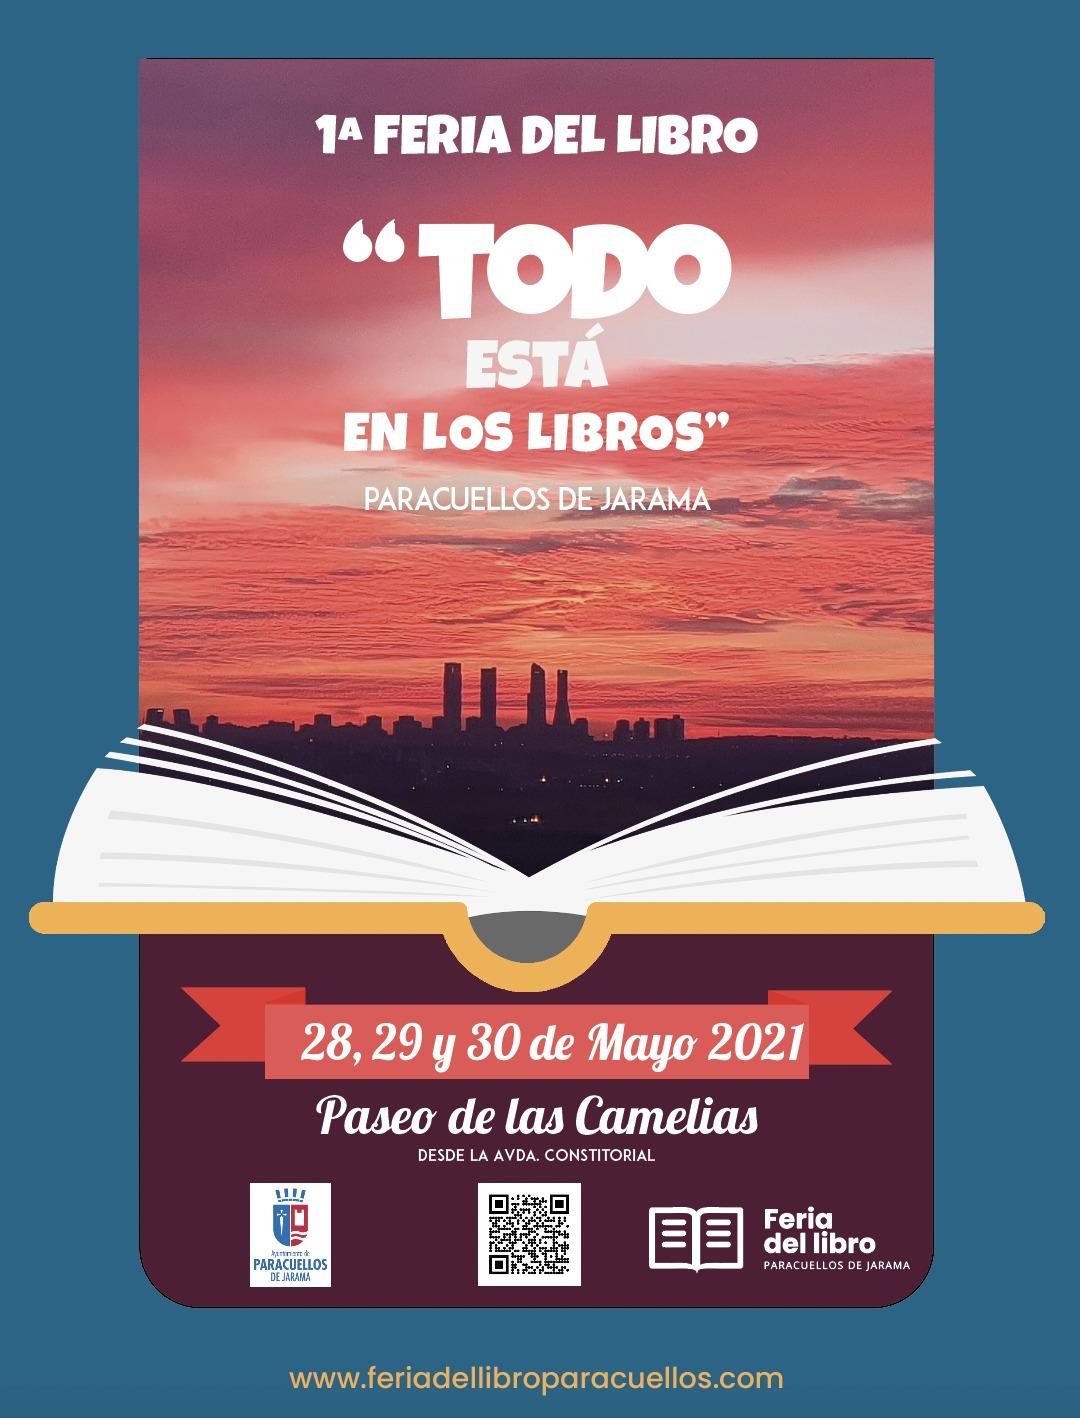 1ª Feria del libro de Paracuellos de Jarama 2021